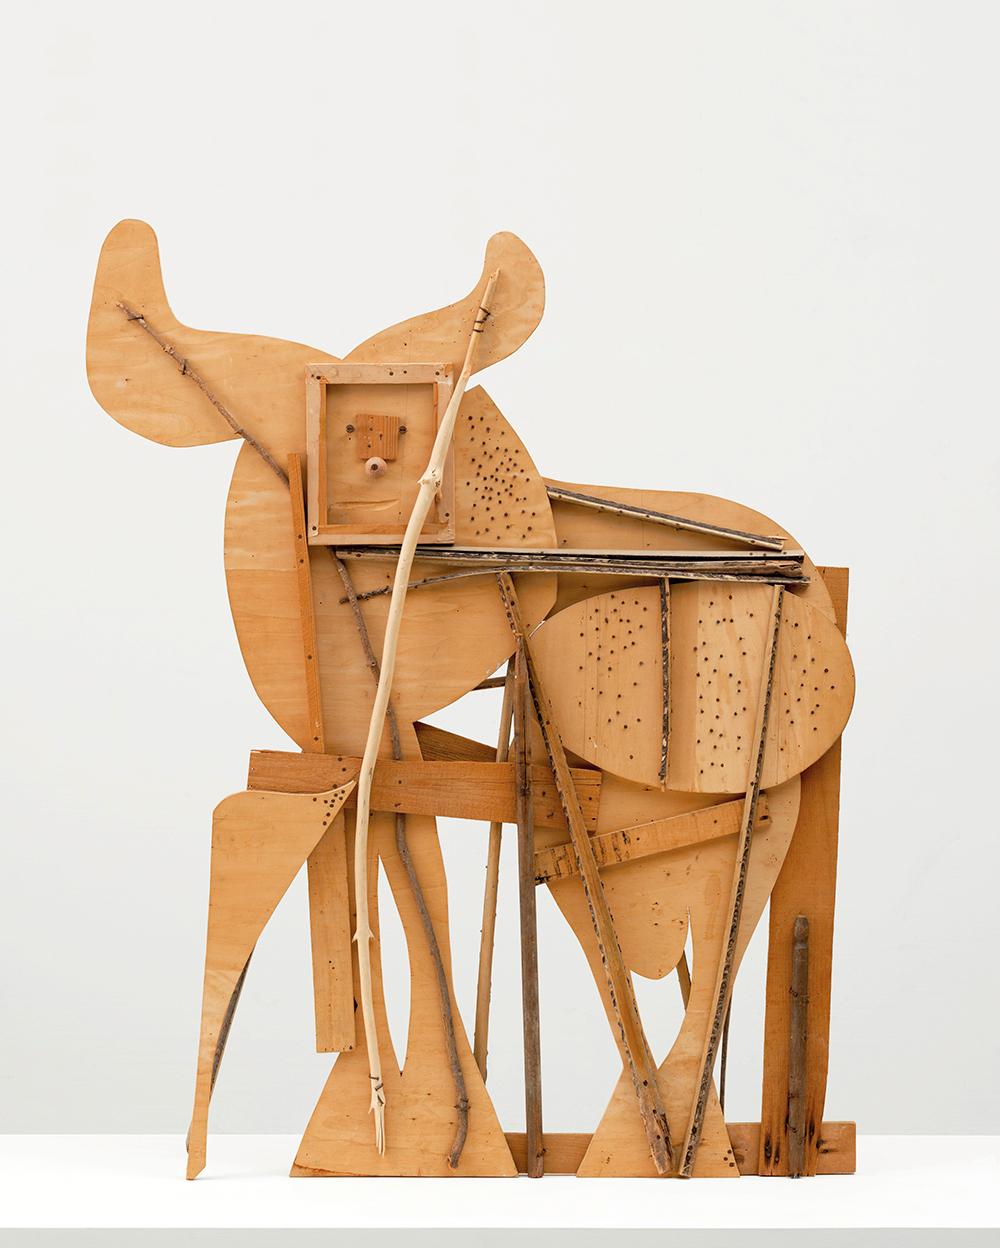 Toro. Escultura de madera donada por Jacqueline Roque, última esposa de Picasso al MoMA de Nueva York por su compromiso con la obra del artista.